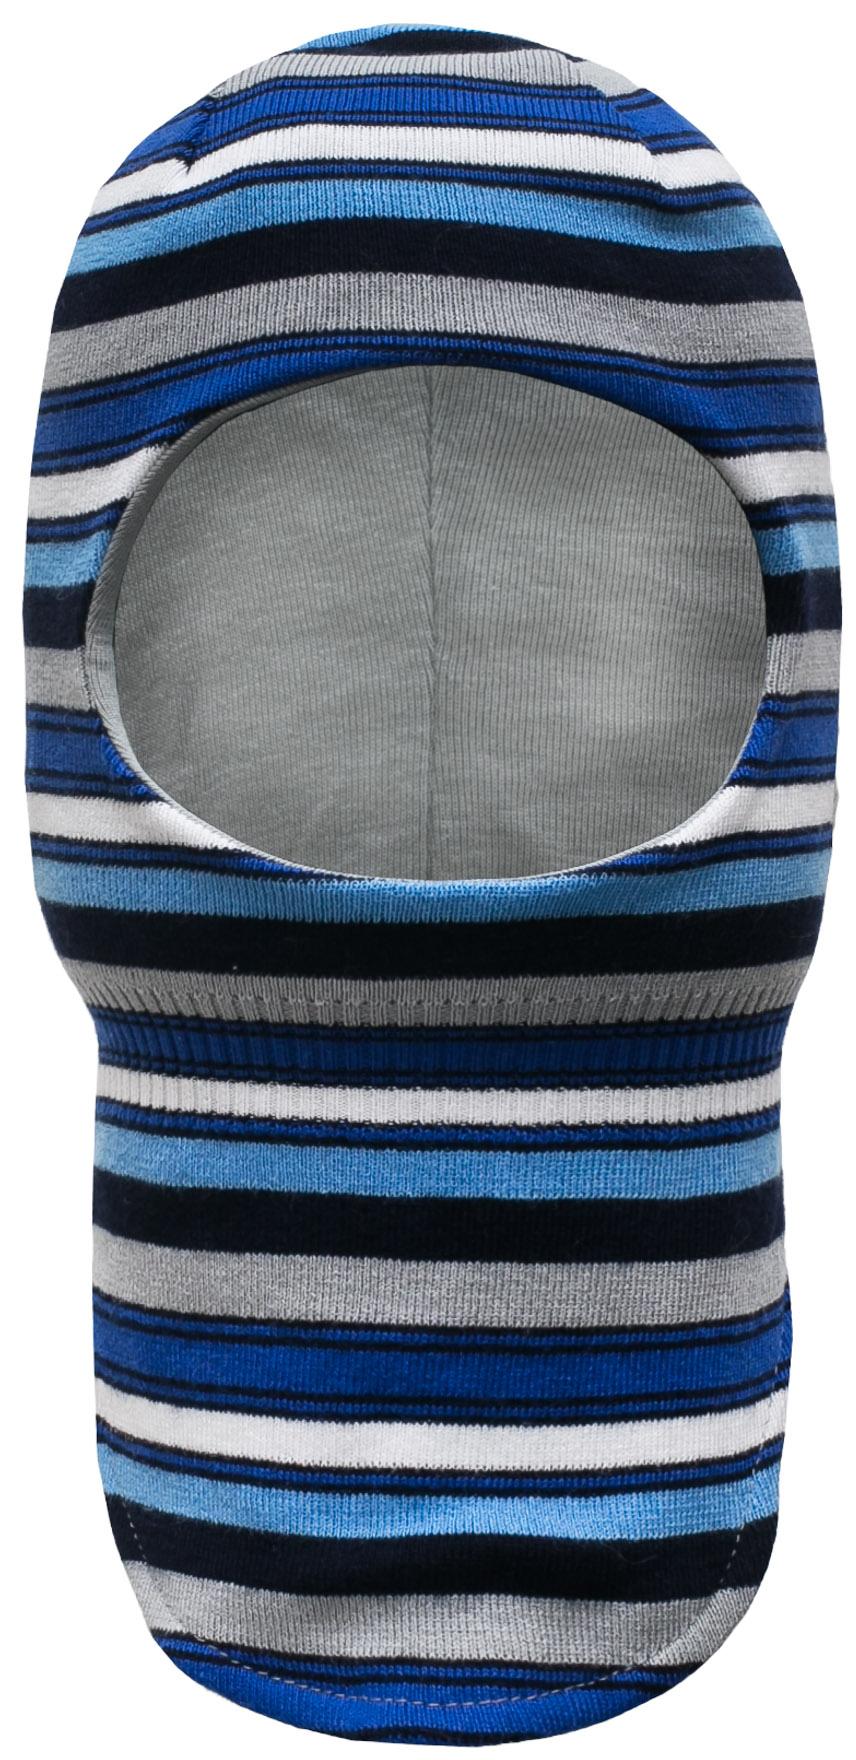 Купить Головные уборы, Шапка-шлем для мальчика Barkito, синий с рисунком «полоска», Россия, синий, в полоску, Мужской